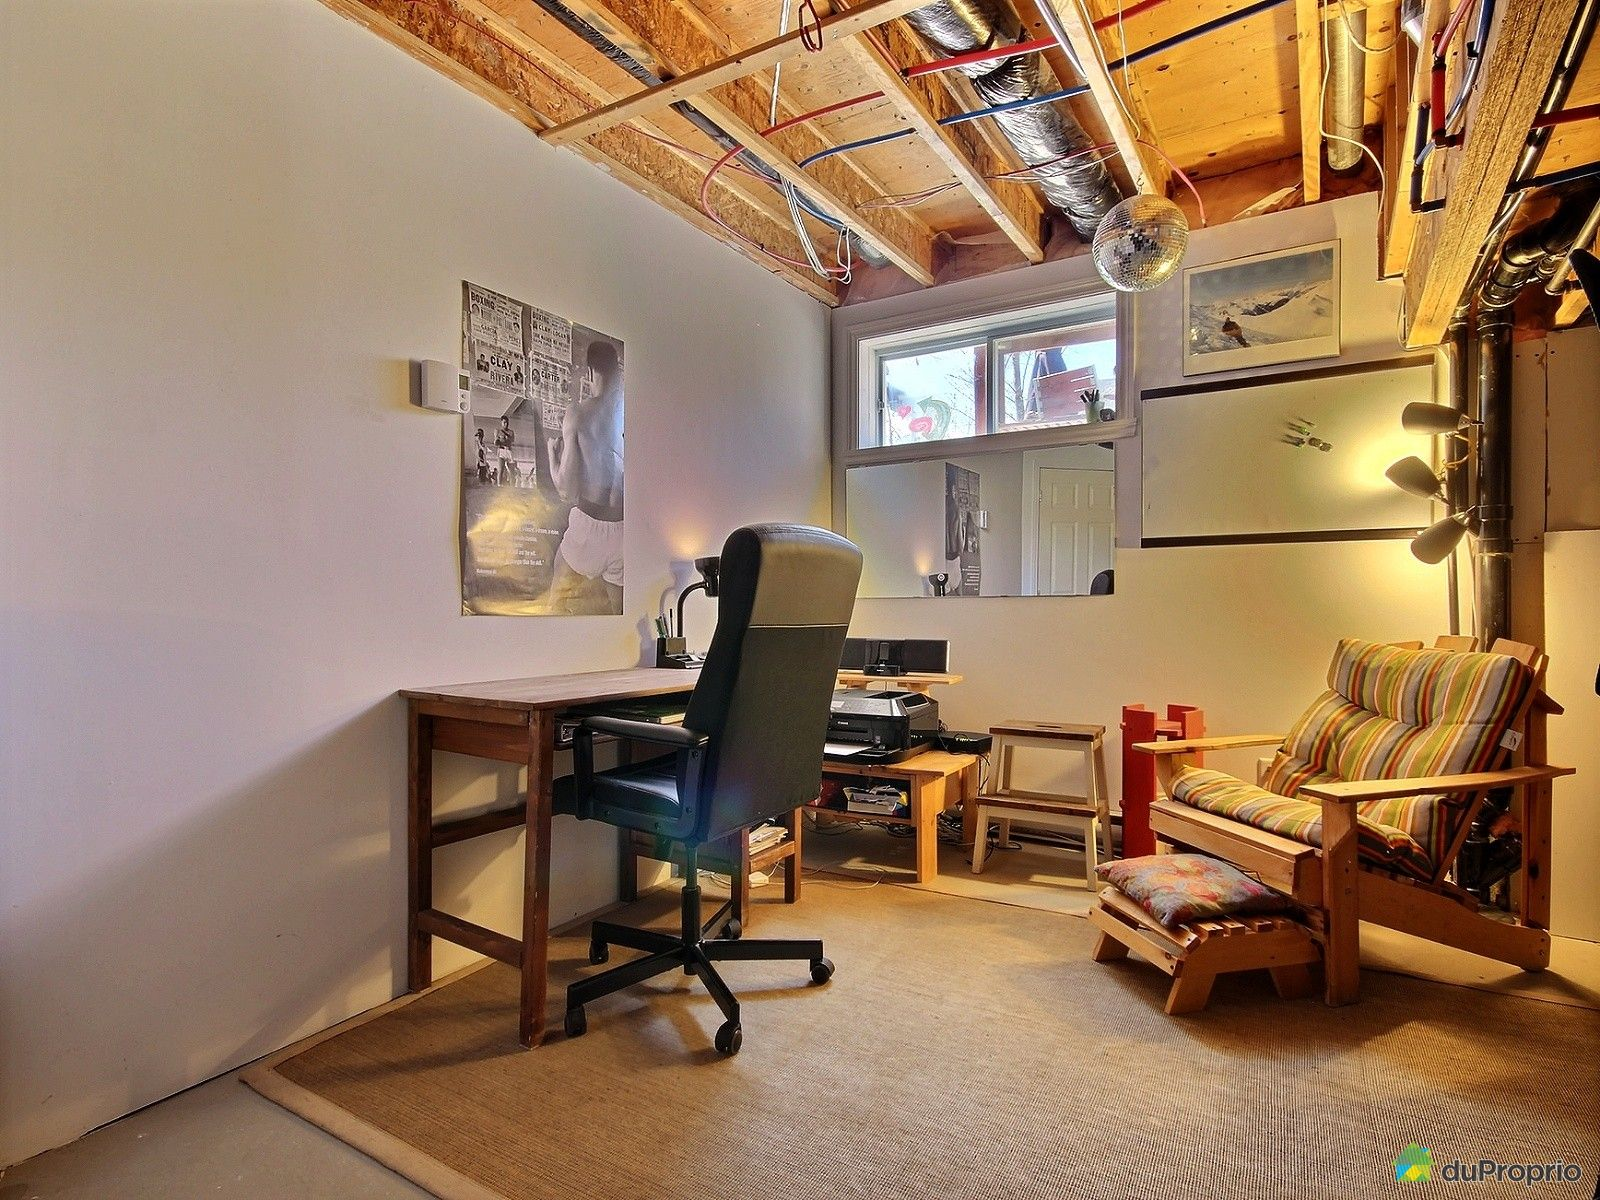 maison vendre st basile le grand 232 rue d 39 le de france immobilier qu bec duproprio 690294. Black Bedroom Furniture Sets. Home Design Ideas